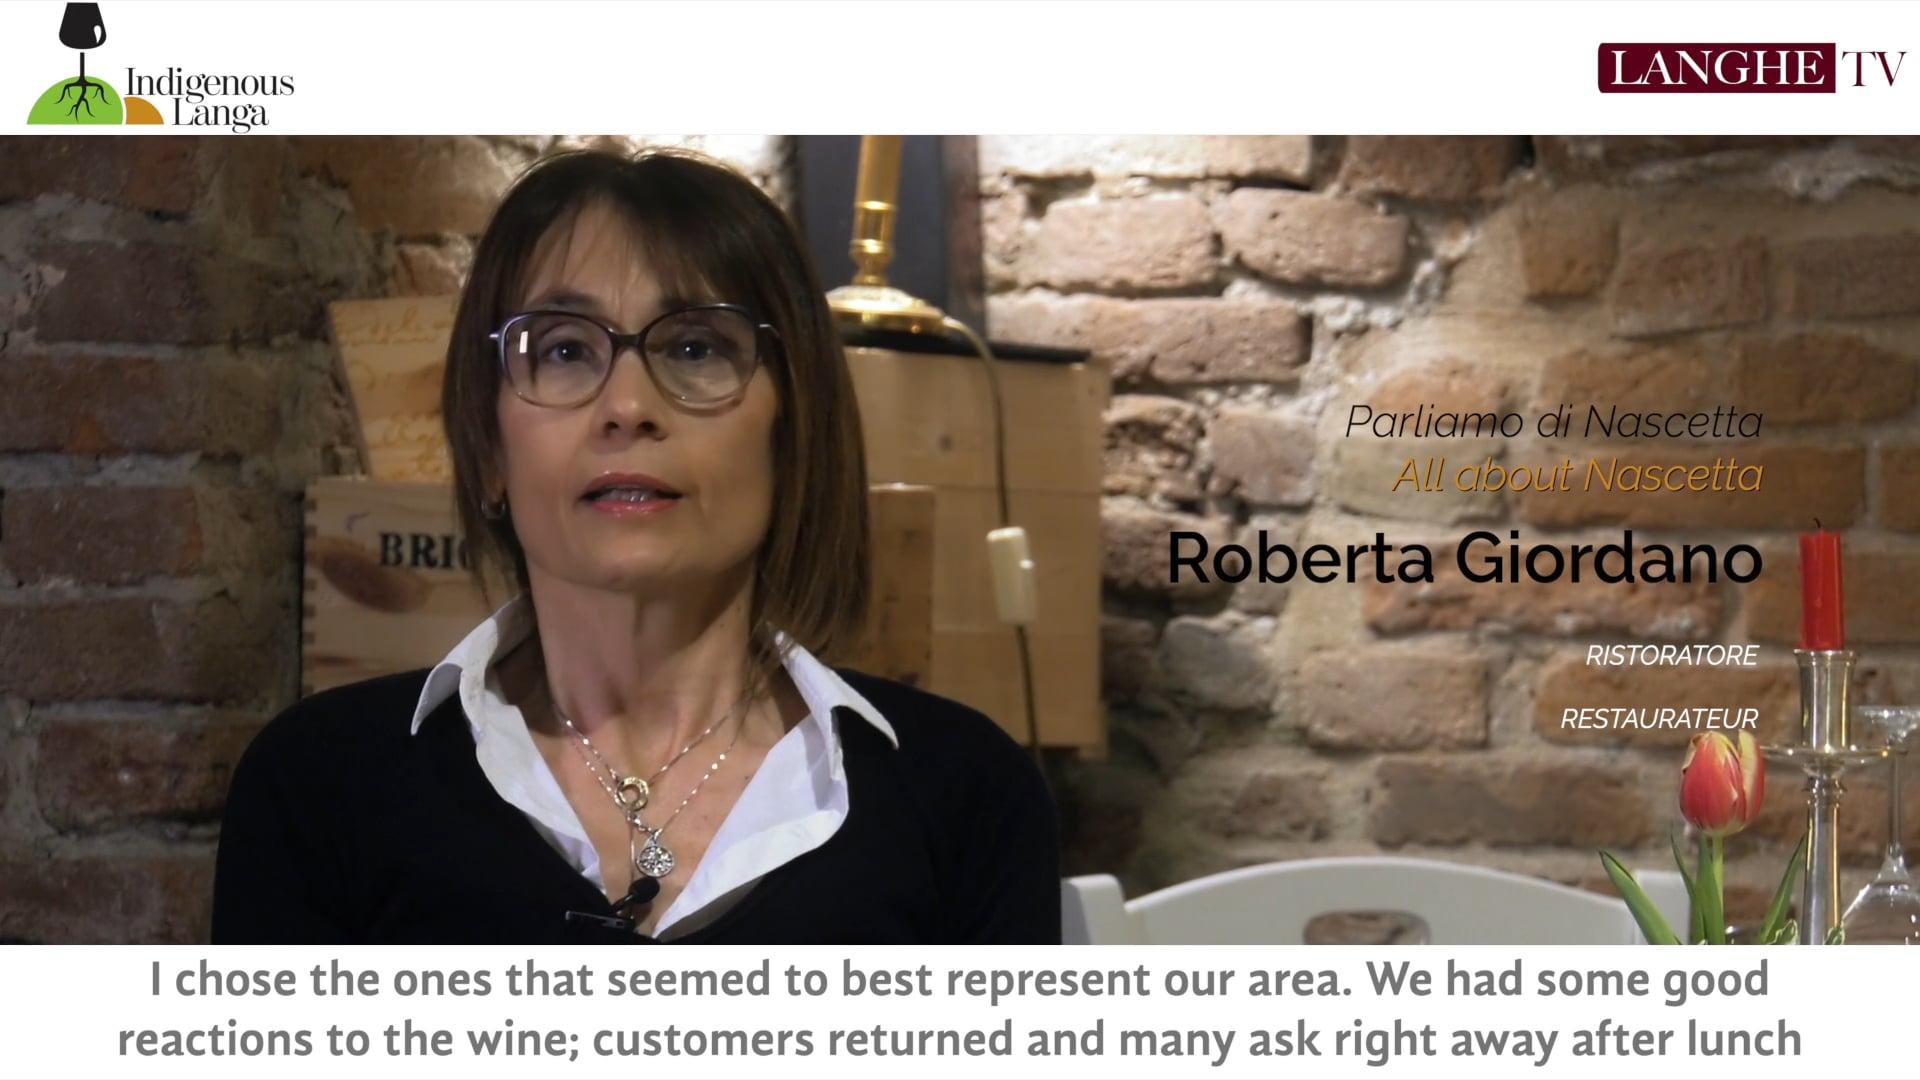 Parliamo di Nascetta con Roberta Giordano | Let's Talk About Nascetta with Roberta Giordano